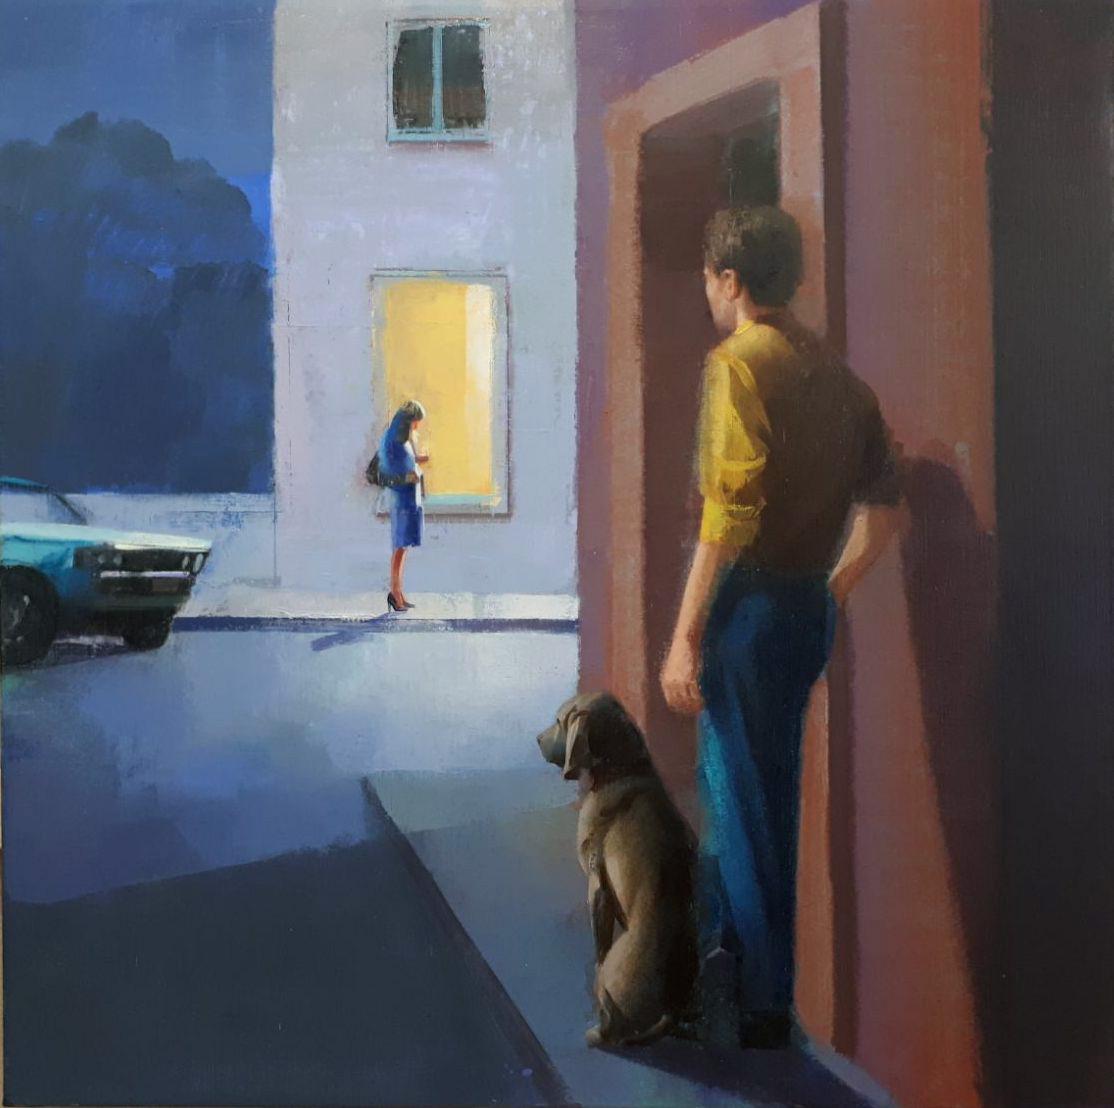 encuentro-alejandra-caballero-oleo-calle-noche-hombre-espaldas-perro-mujer-luz